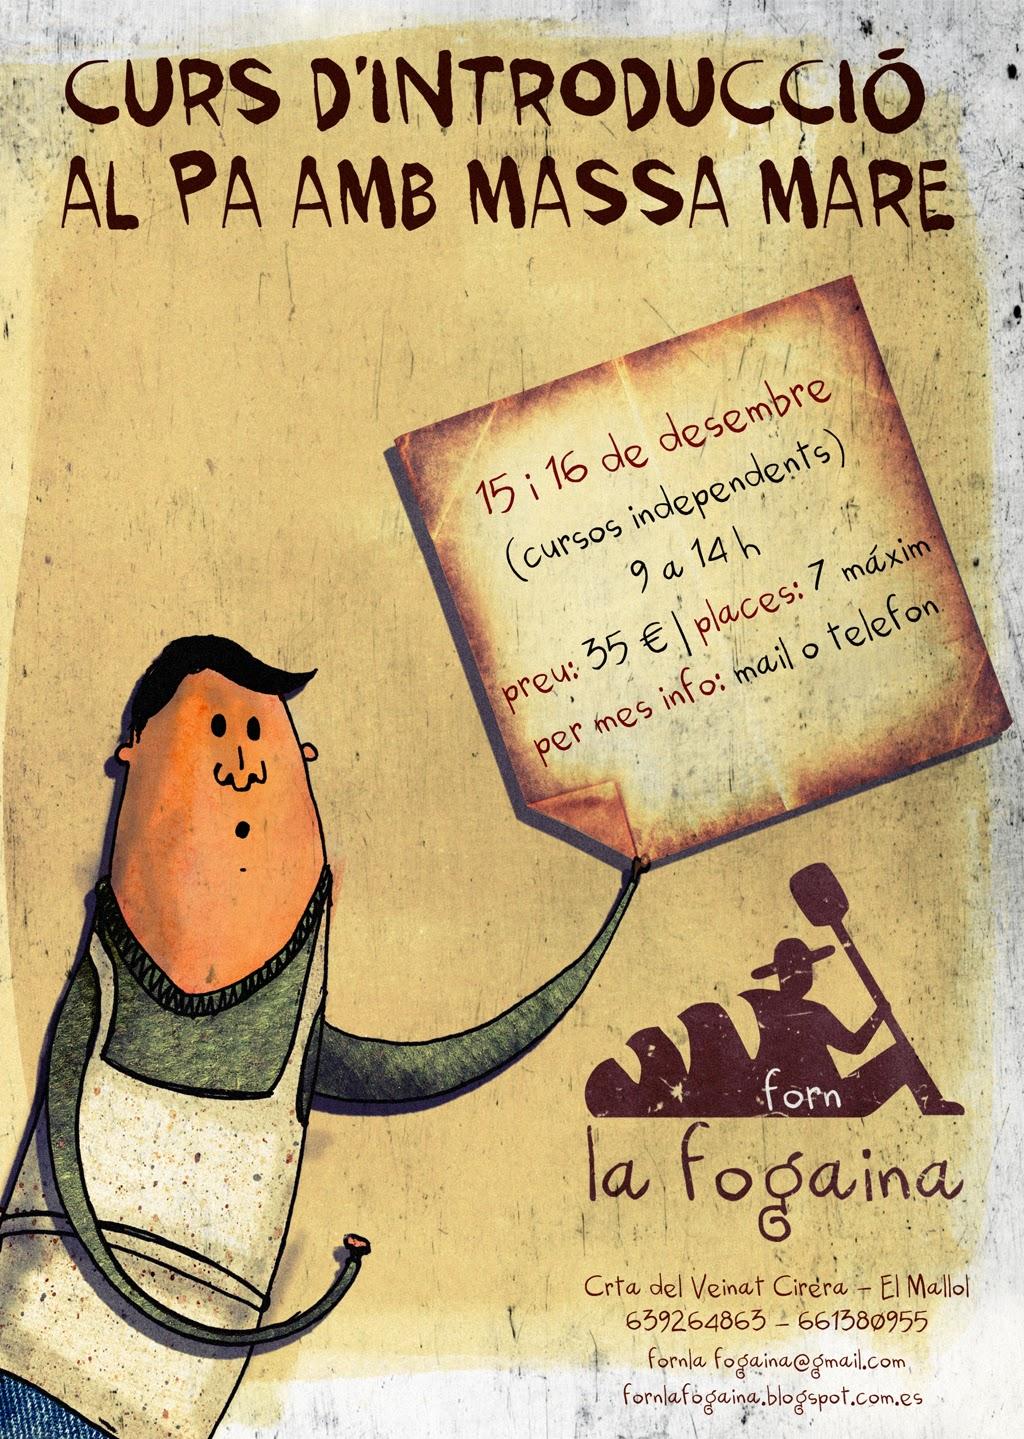 NUEVOS cursos en La Fogaina ¡Apúntate!